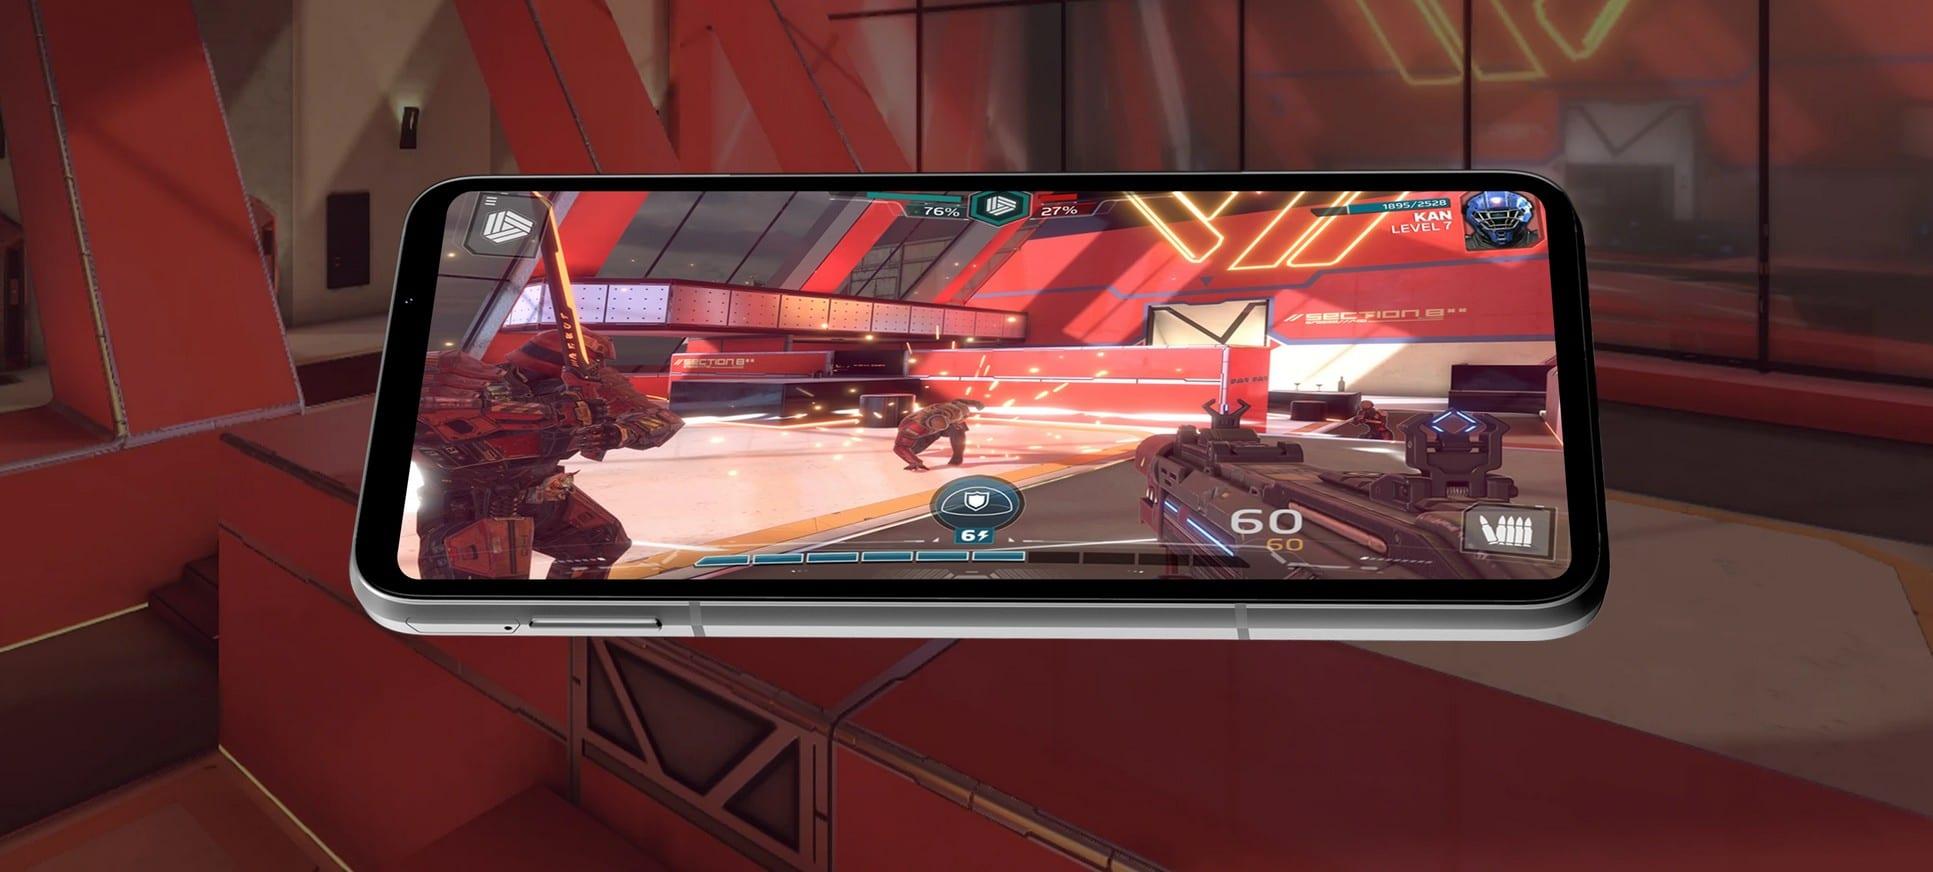 Welches Gaming-Smartphone ist das beste? (Foto: Xiaomi)